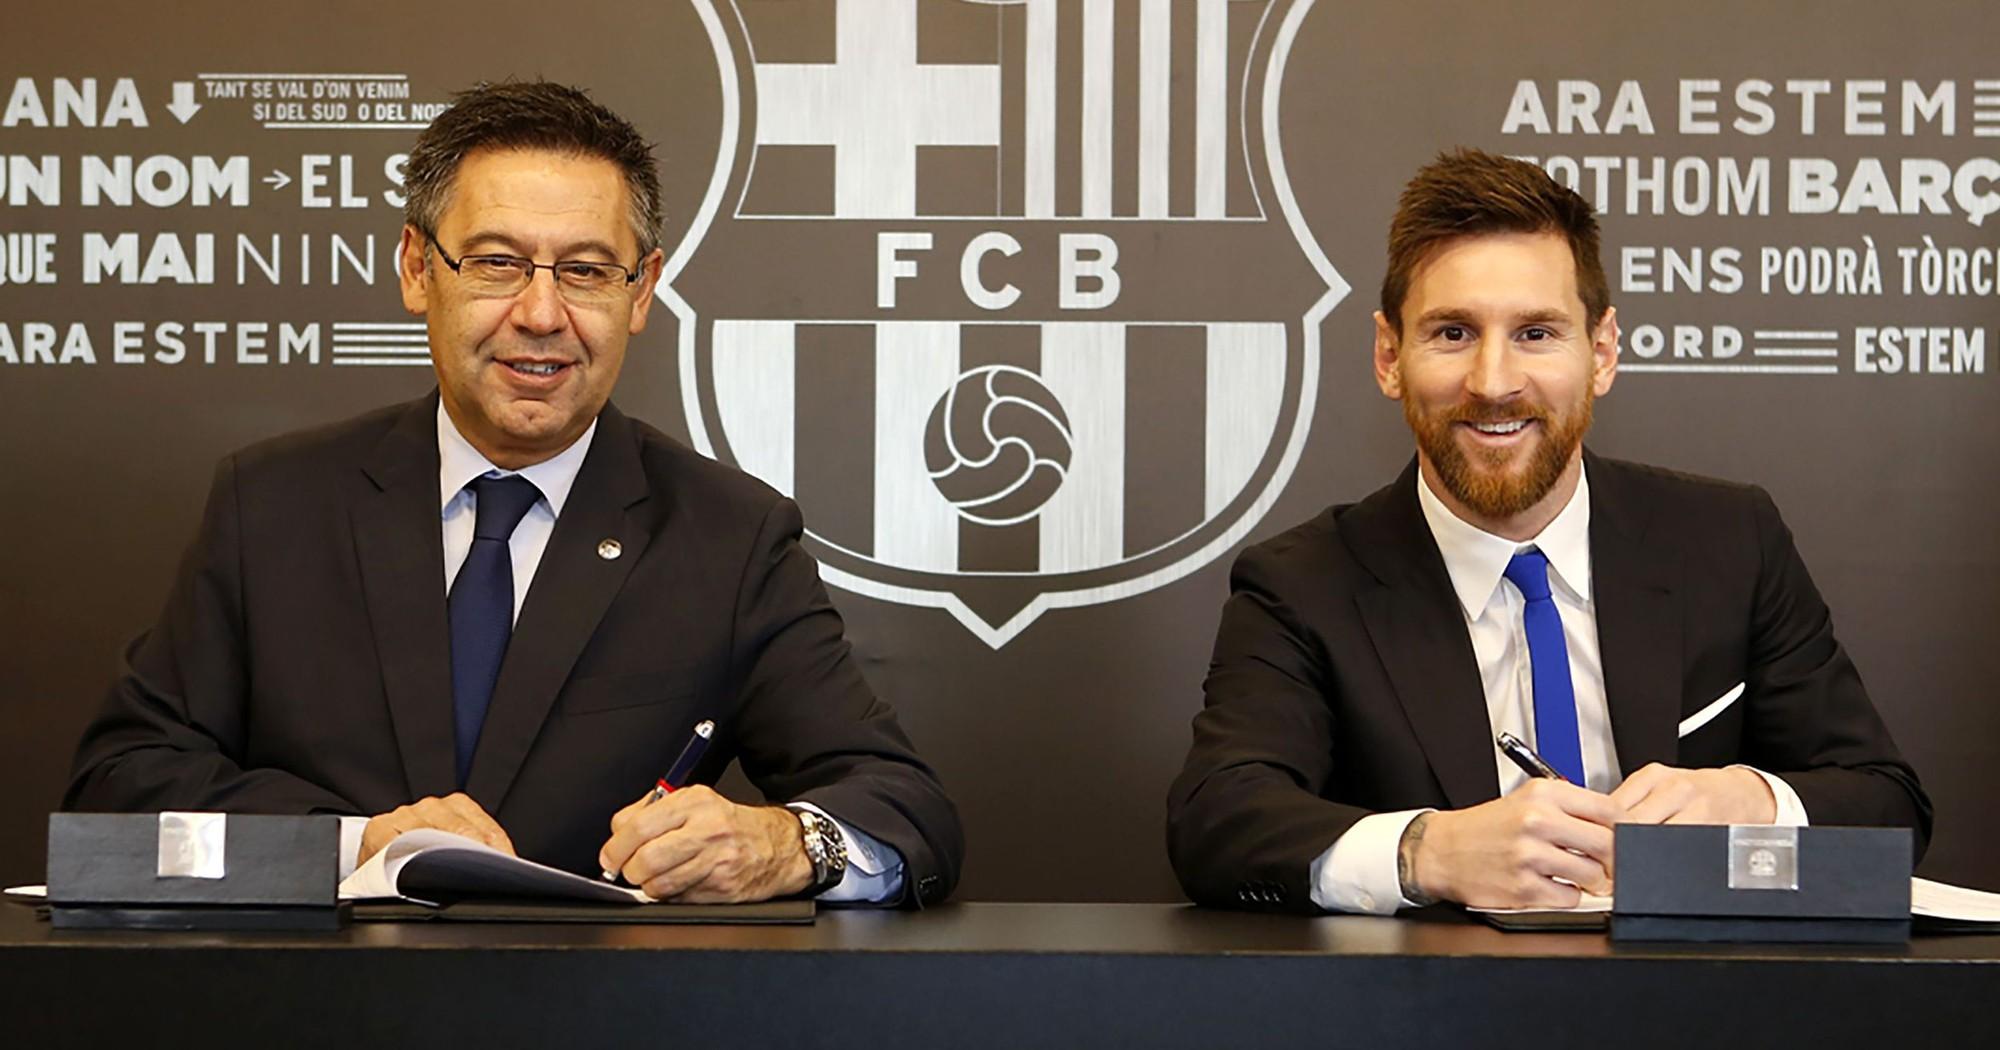 Vượt cả Real Madrid và Man Utd, Barcelona lập kỷ lục trả lương trong giới thể thao - Ảnh 2.